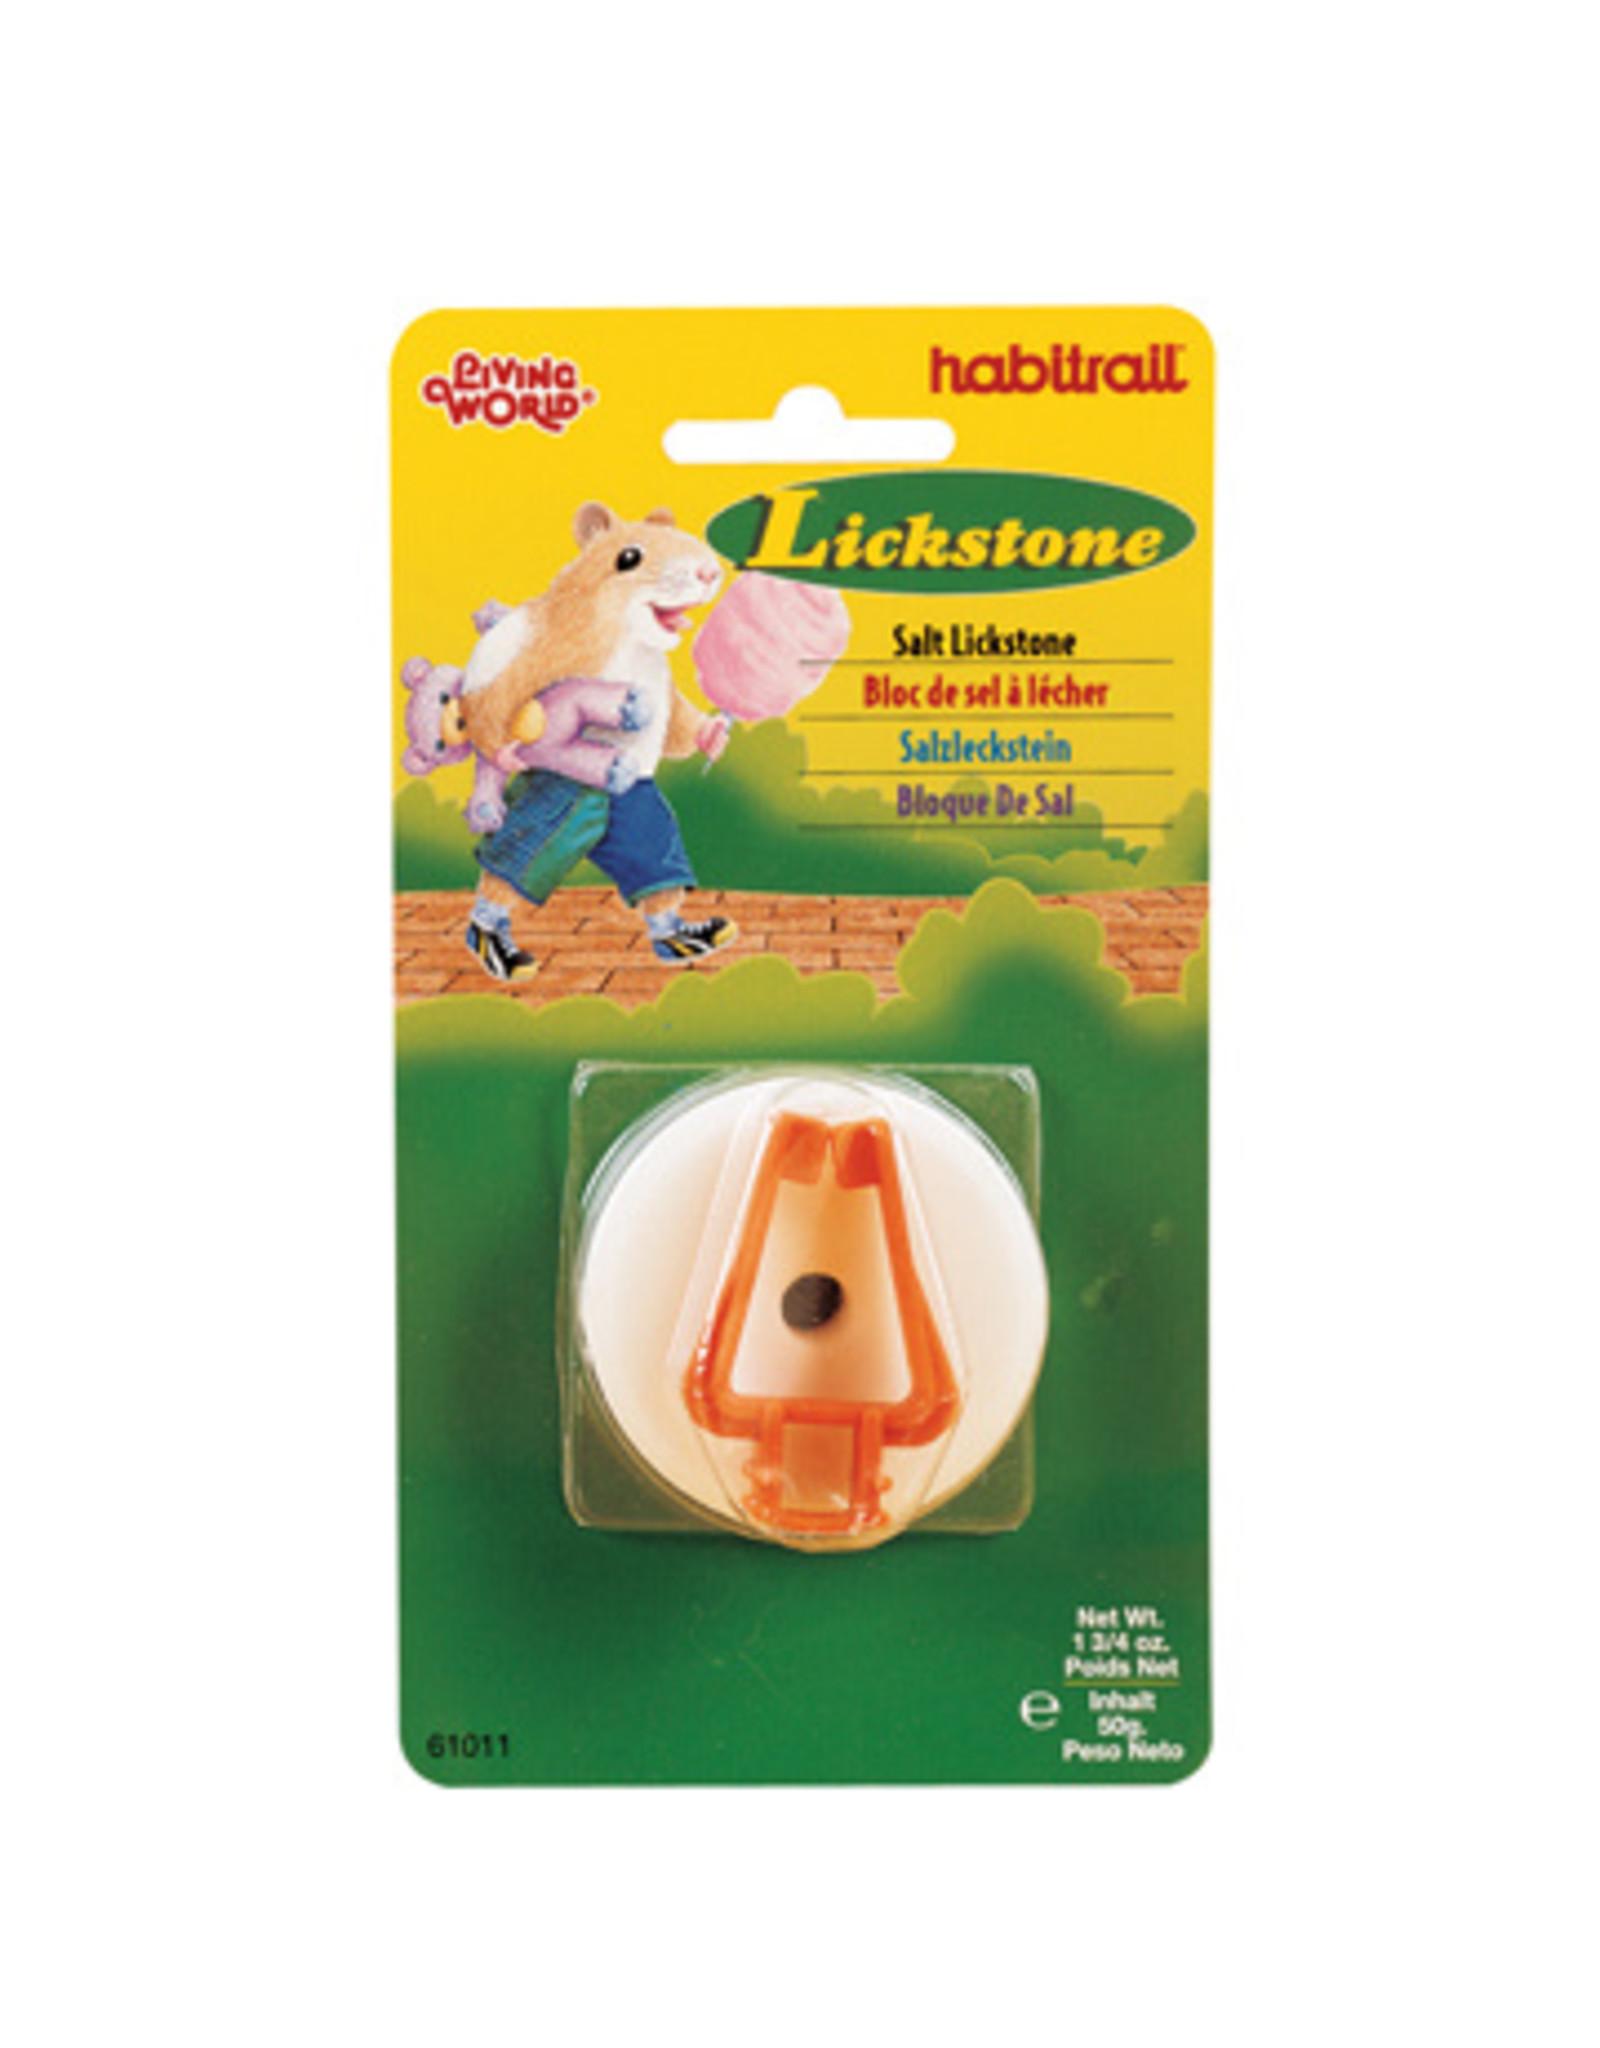 Living World LIVING WORLD Salt Lickstone w/ Plastic Hanger